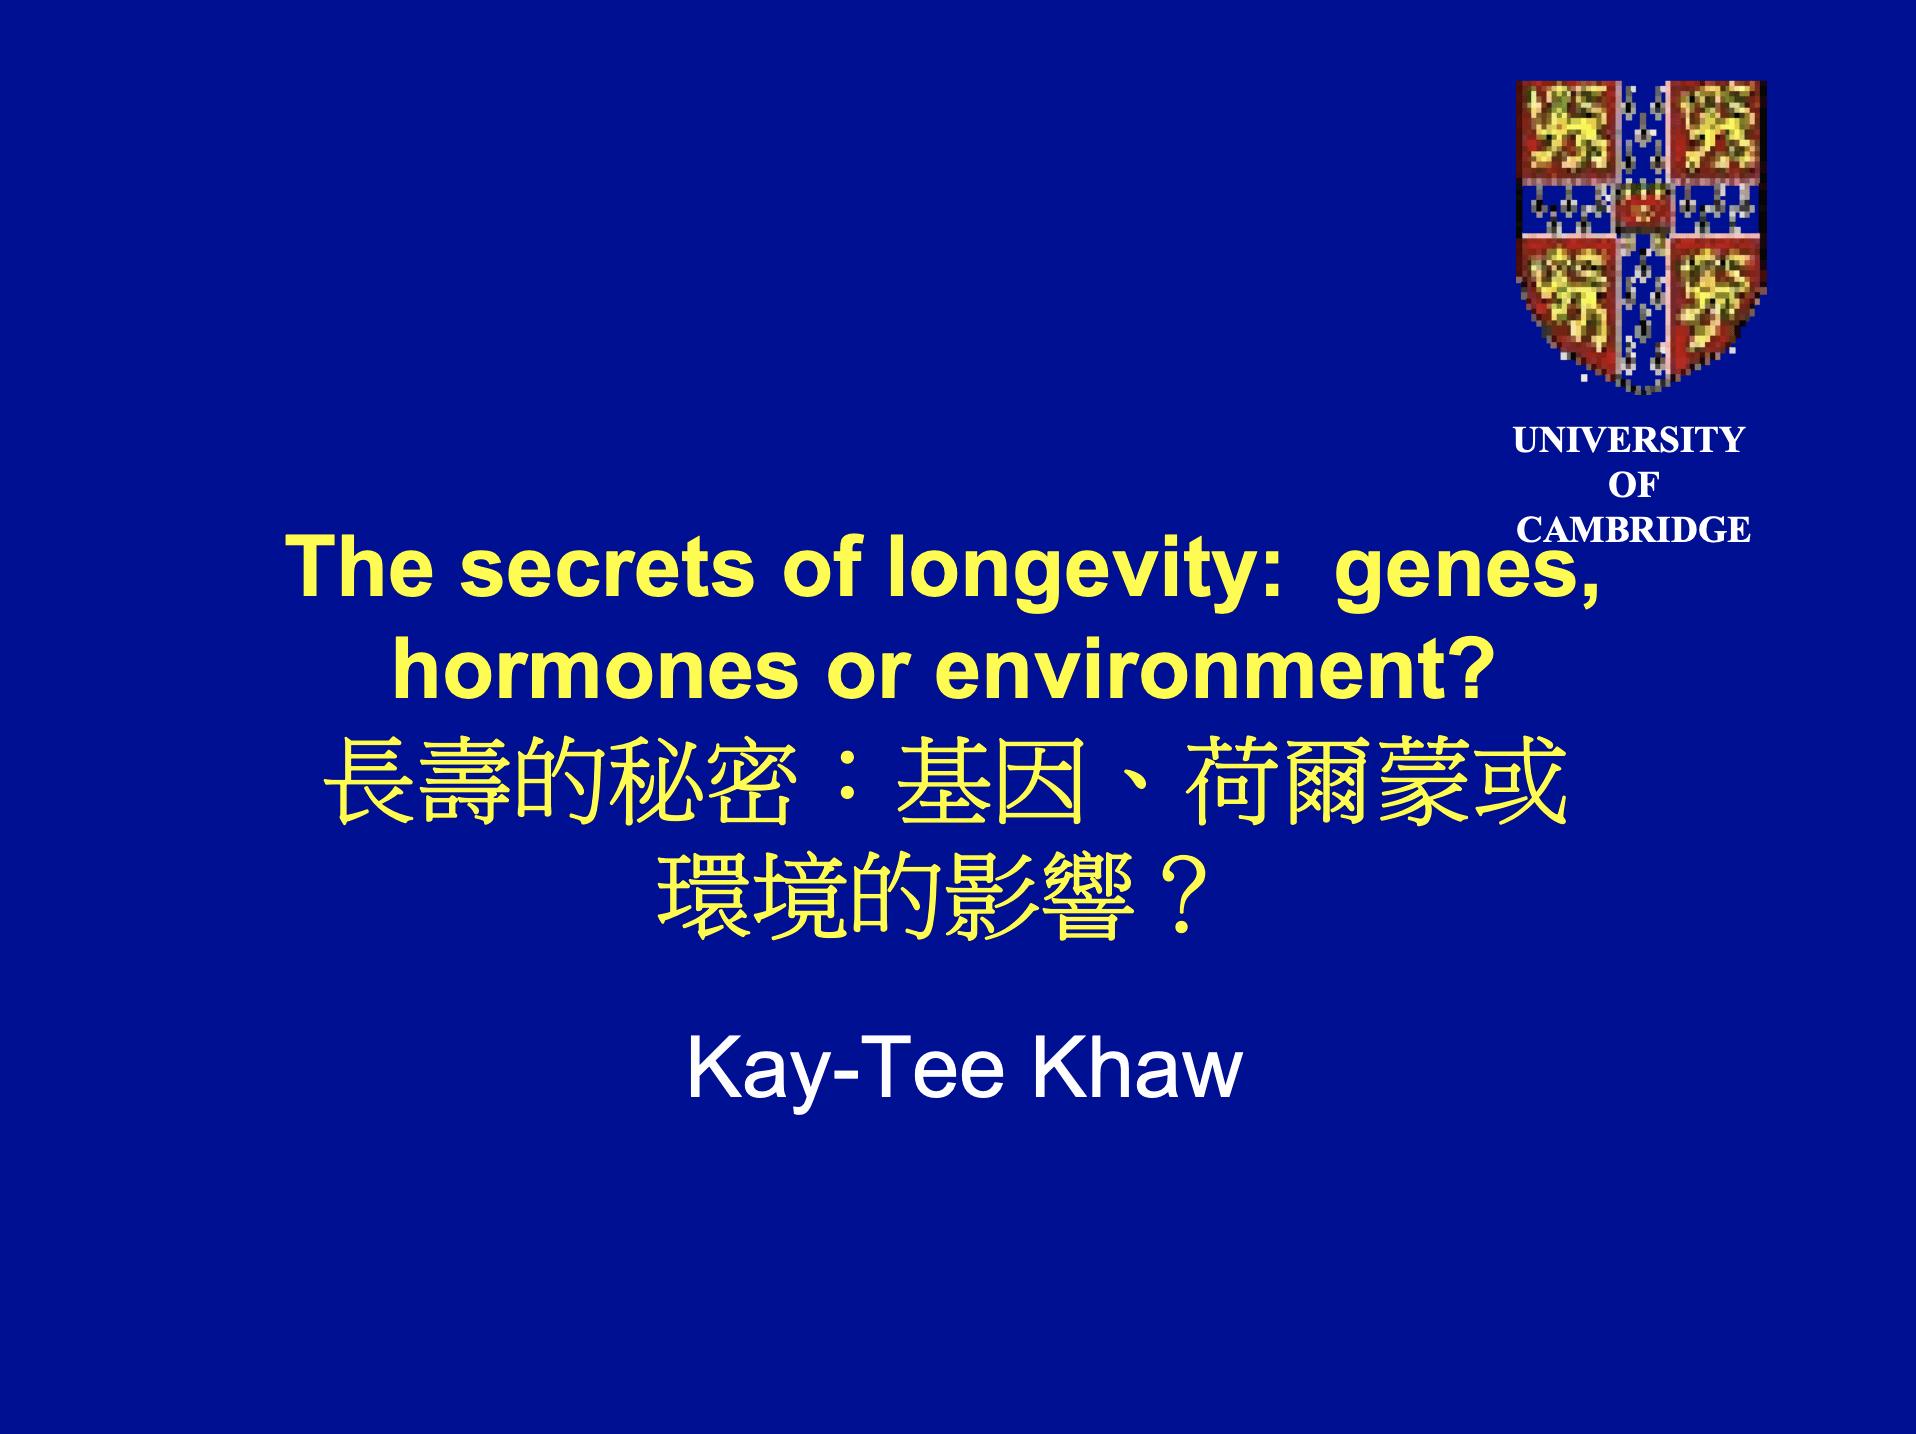 长寿的秘密:基因、荷尔蒙或环境的影响?